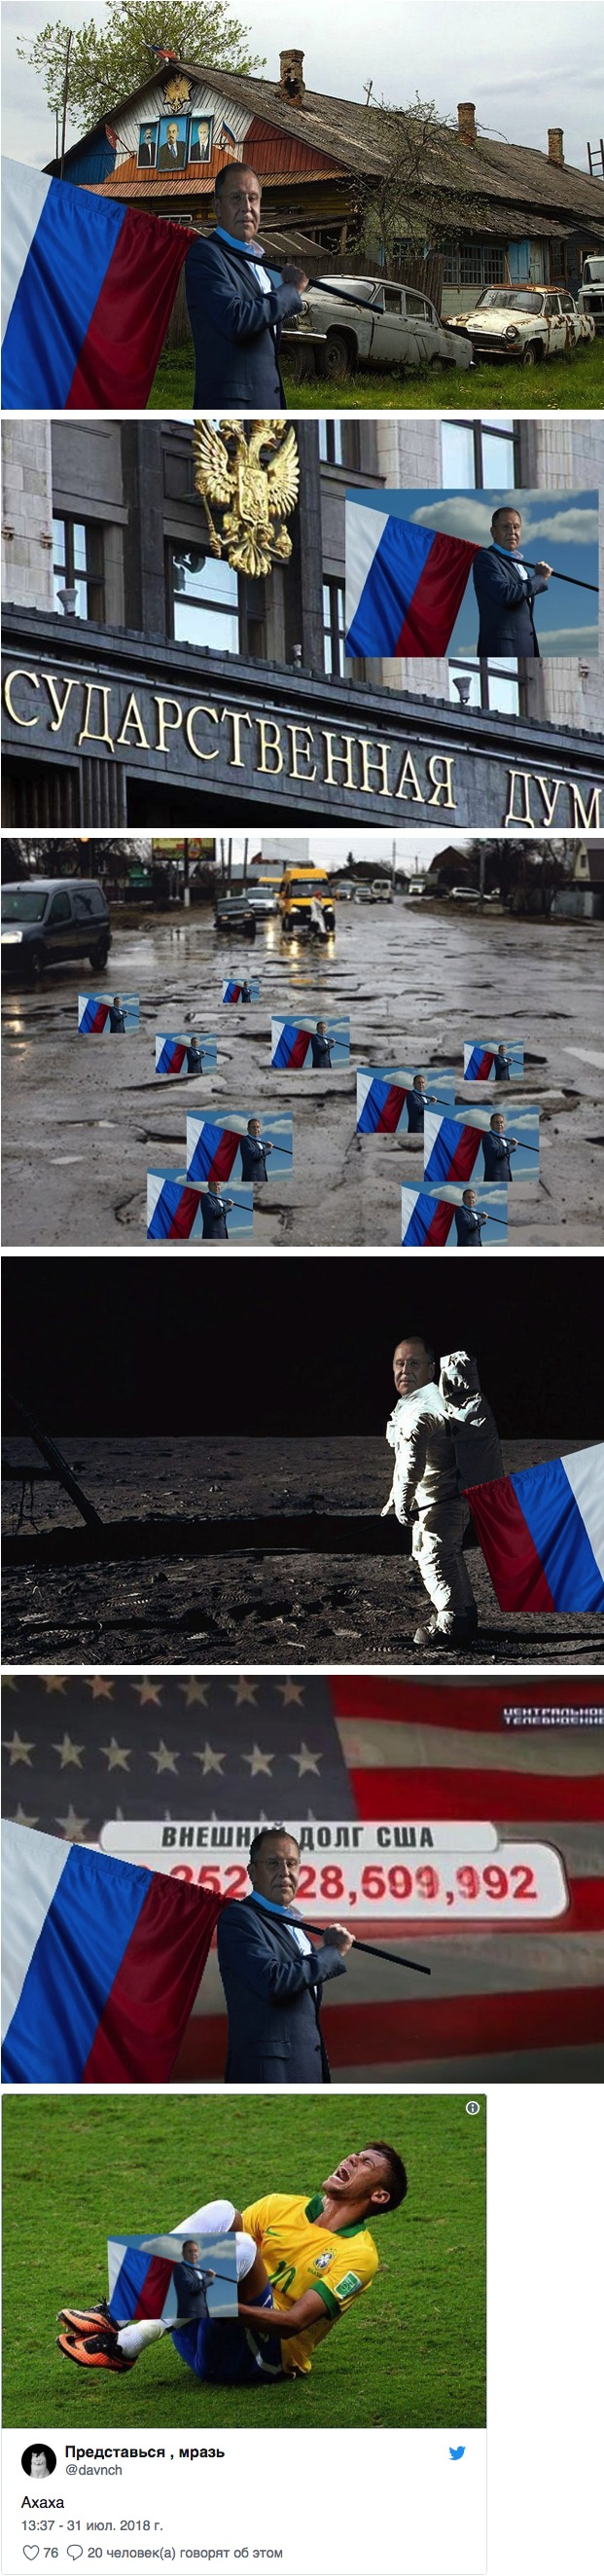 МИД России опубликовал целебное фото Лаврова для прикладывания к больным местам